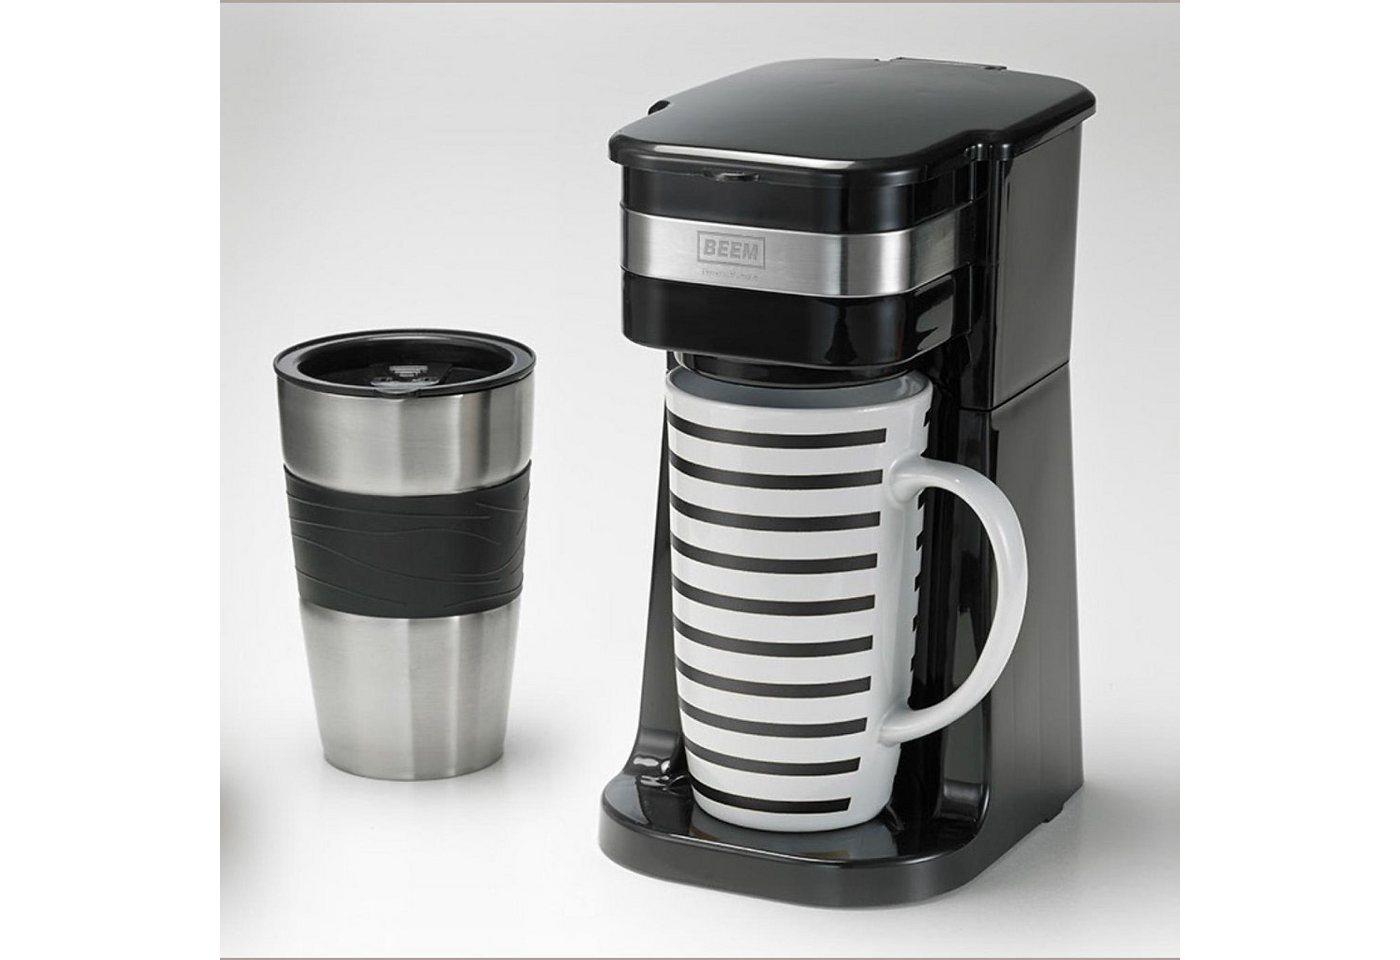 BEEM Koffiezetapparaat Café BoXX zwart